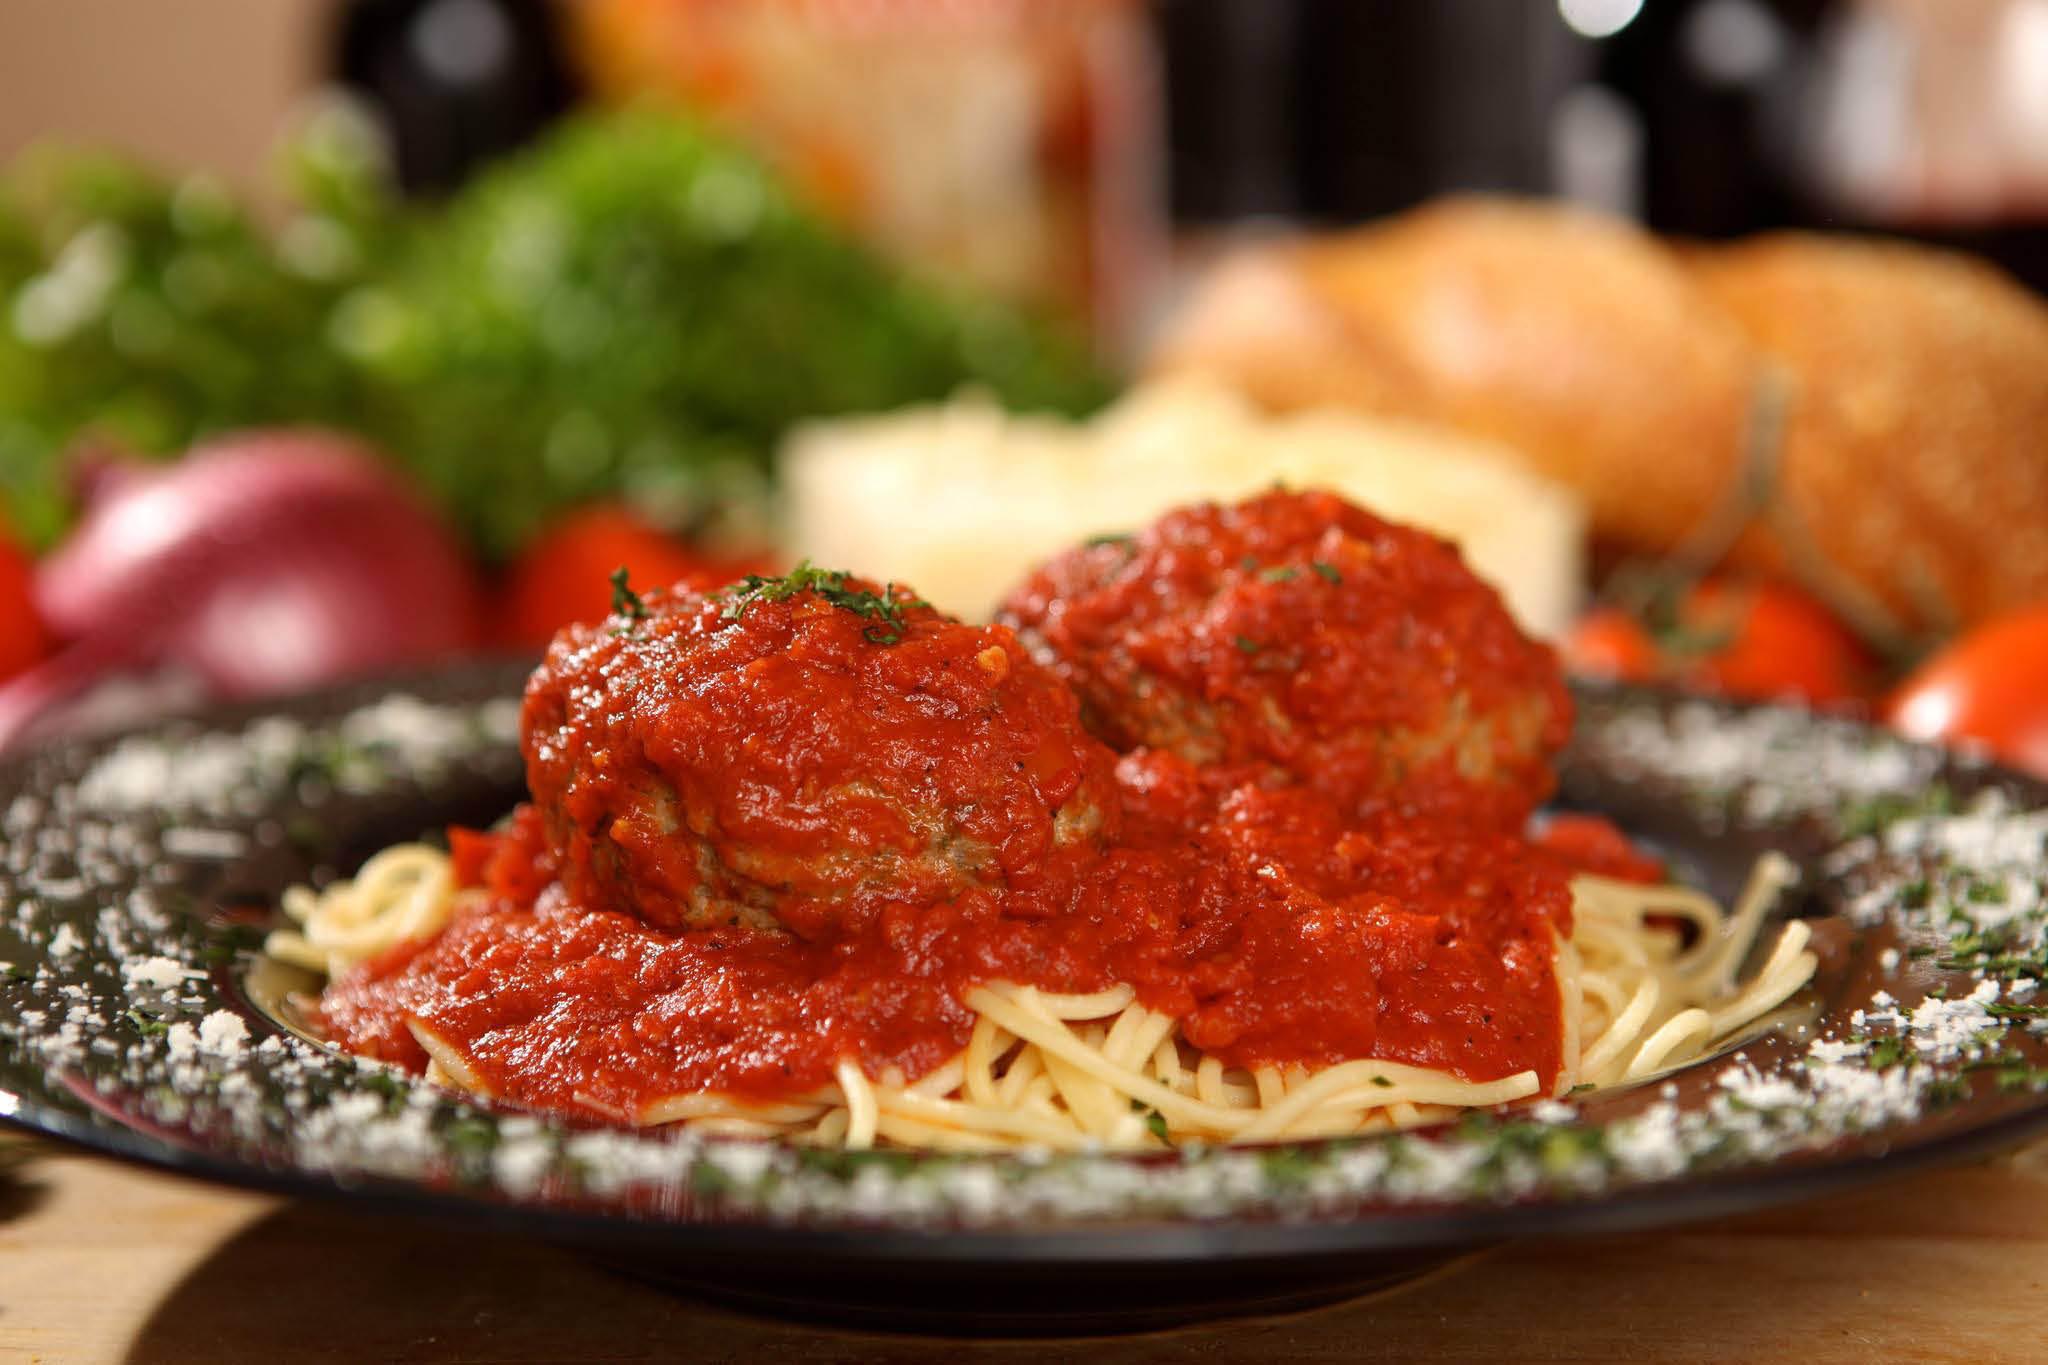 Authentic Italian recipe spaghetti and meatballs